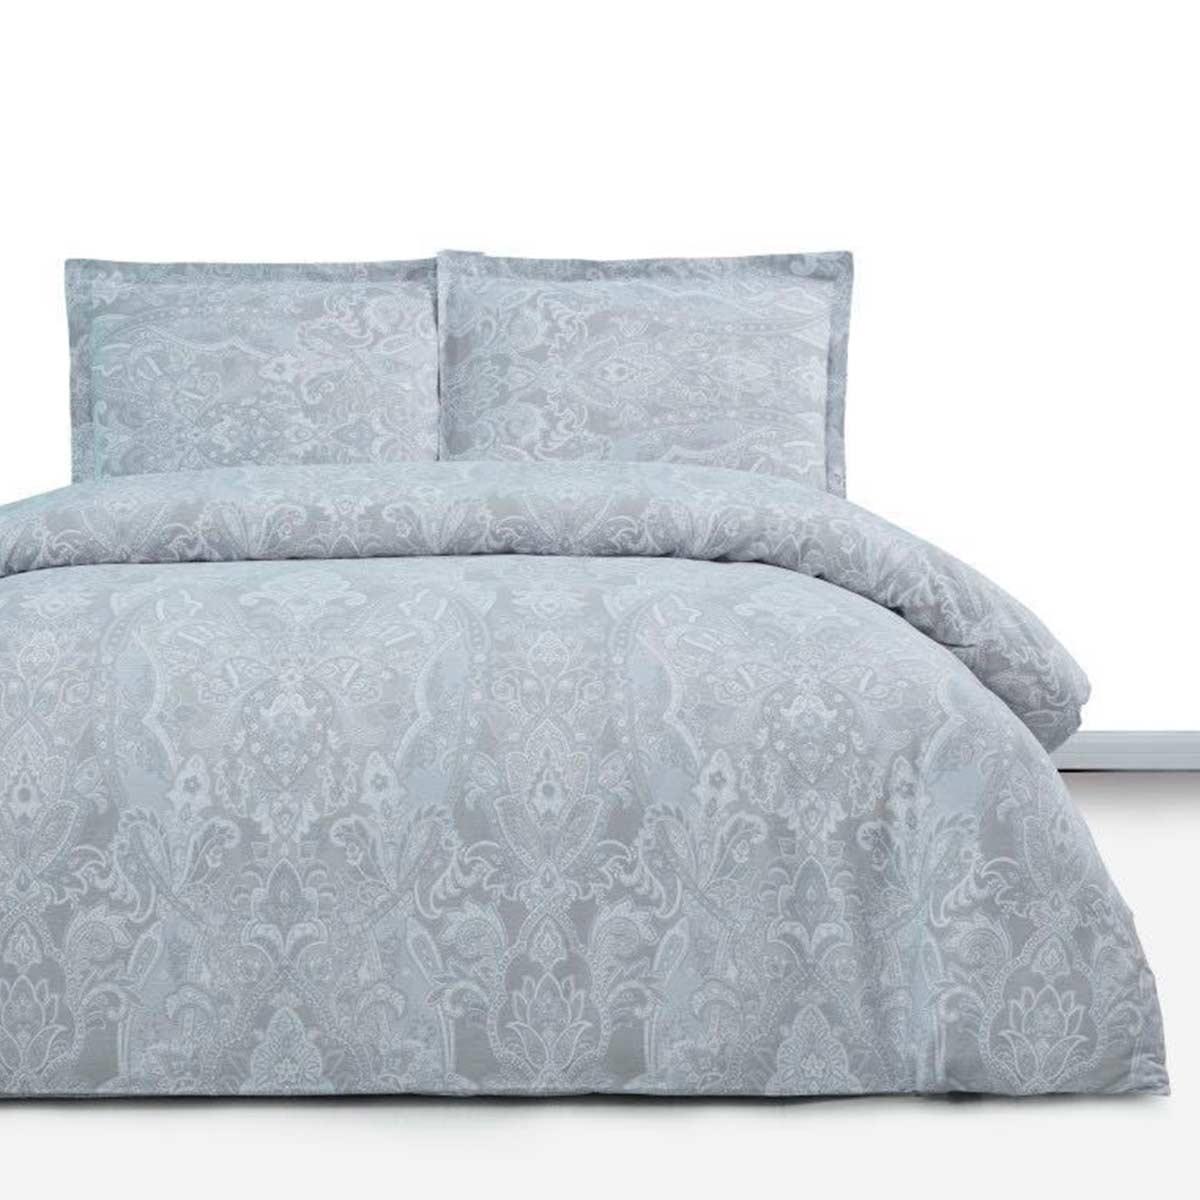 Комплект постельного белья 200х220 см Сатин Moira Simple Living Arya AR-TR1005639